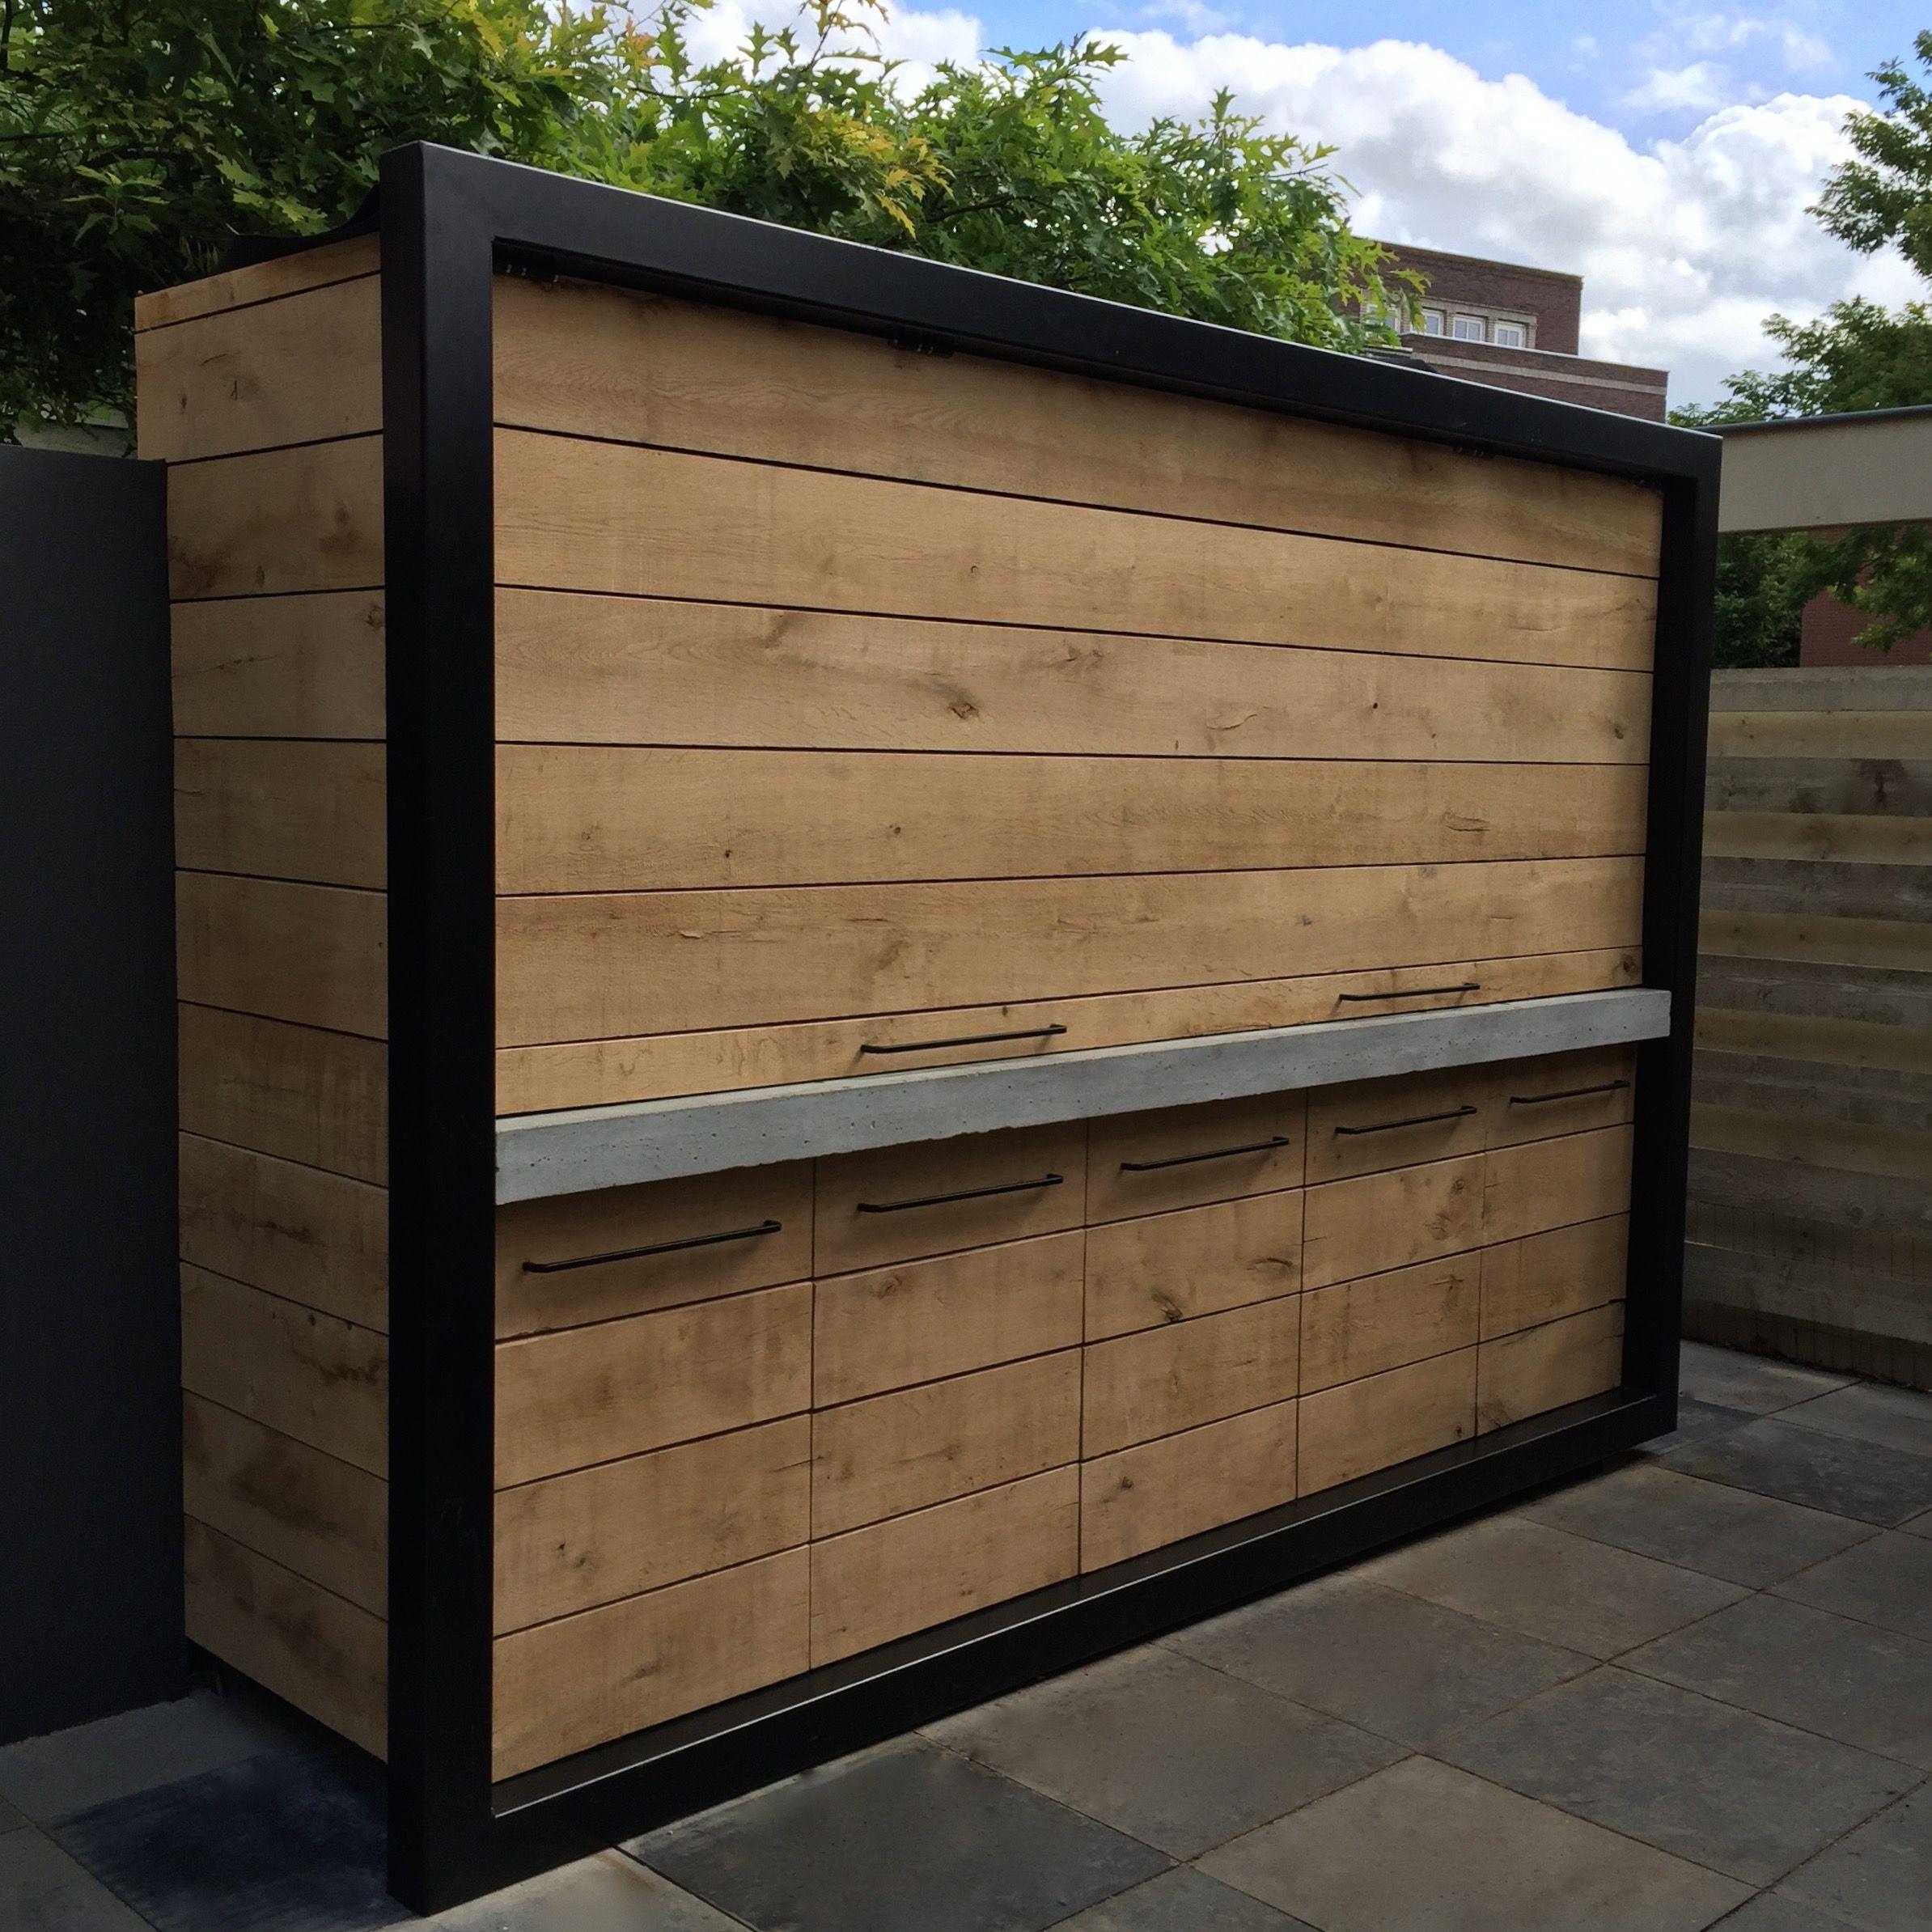 buitenkeuken eikenhout beton en staal ontwerp